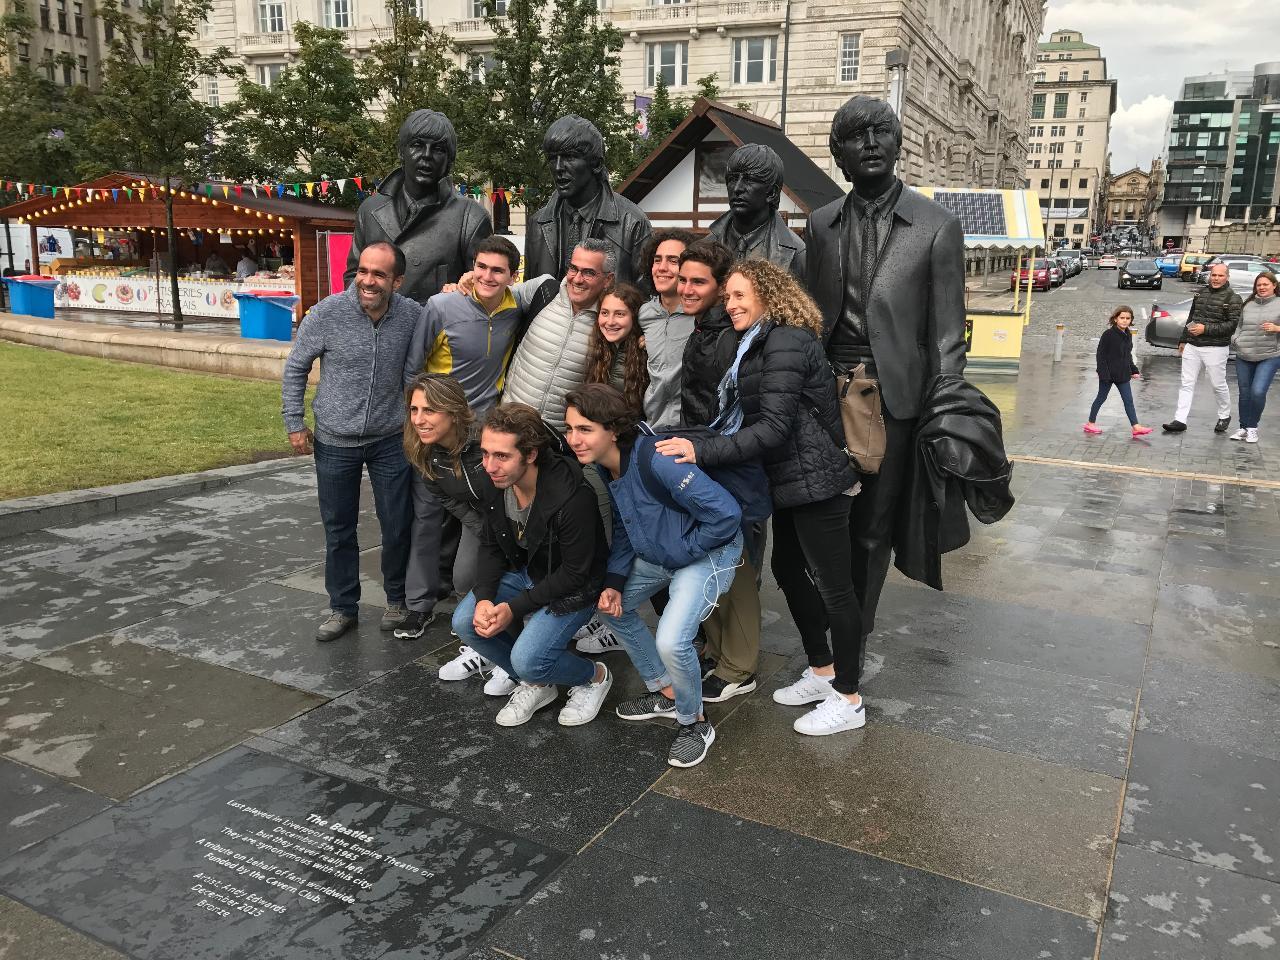 deux heures -visite guidée à pied Liverpool - en français